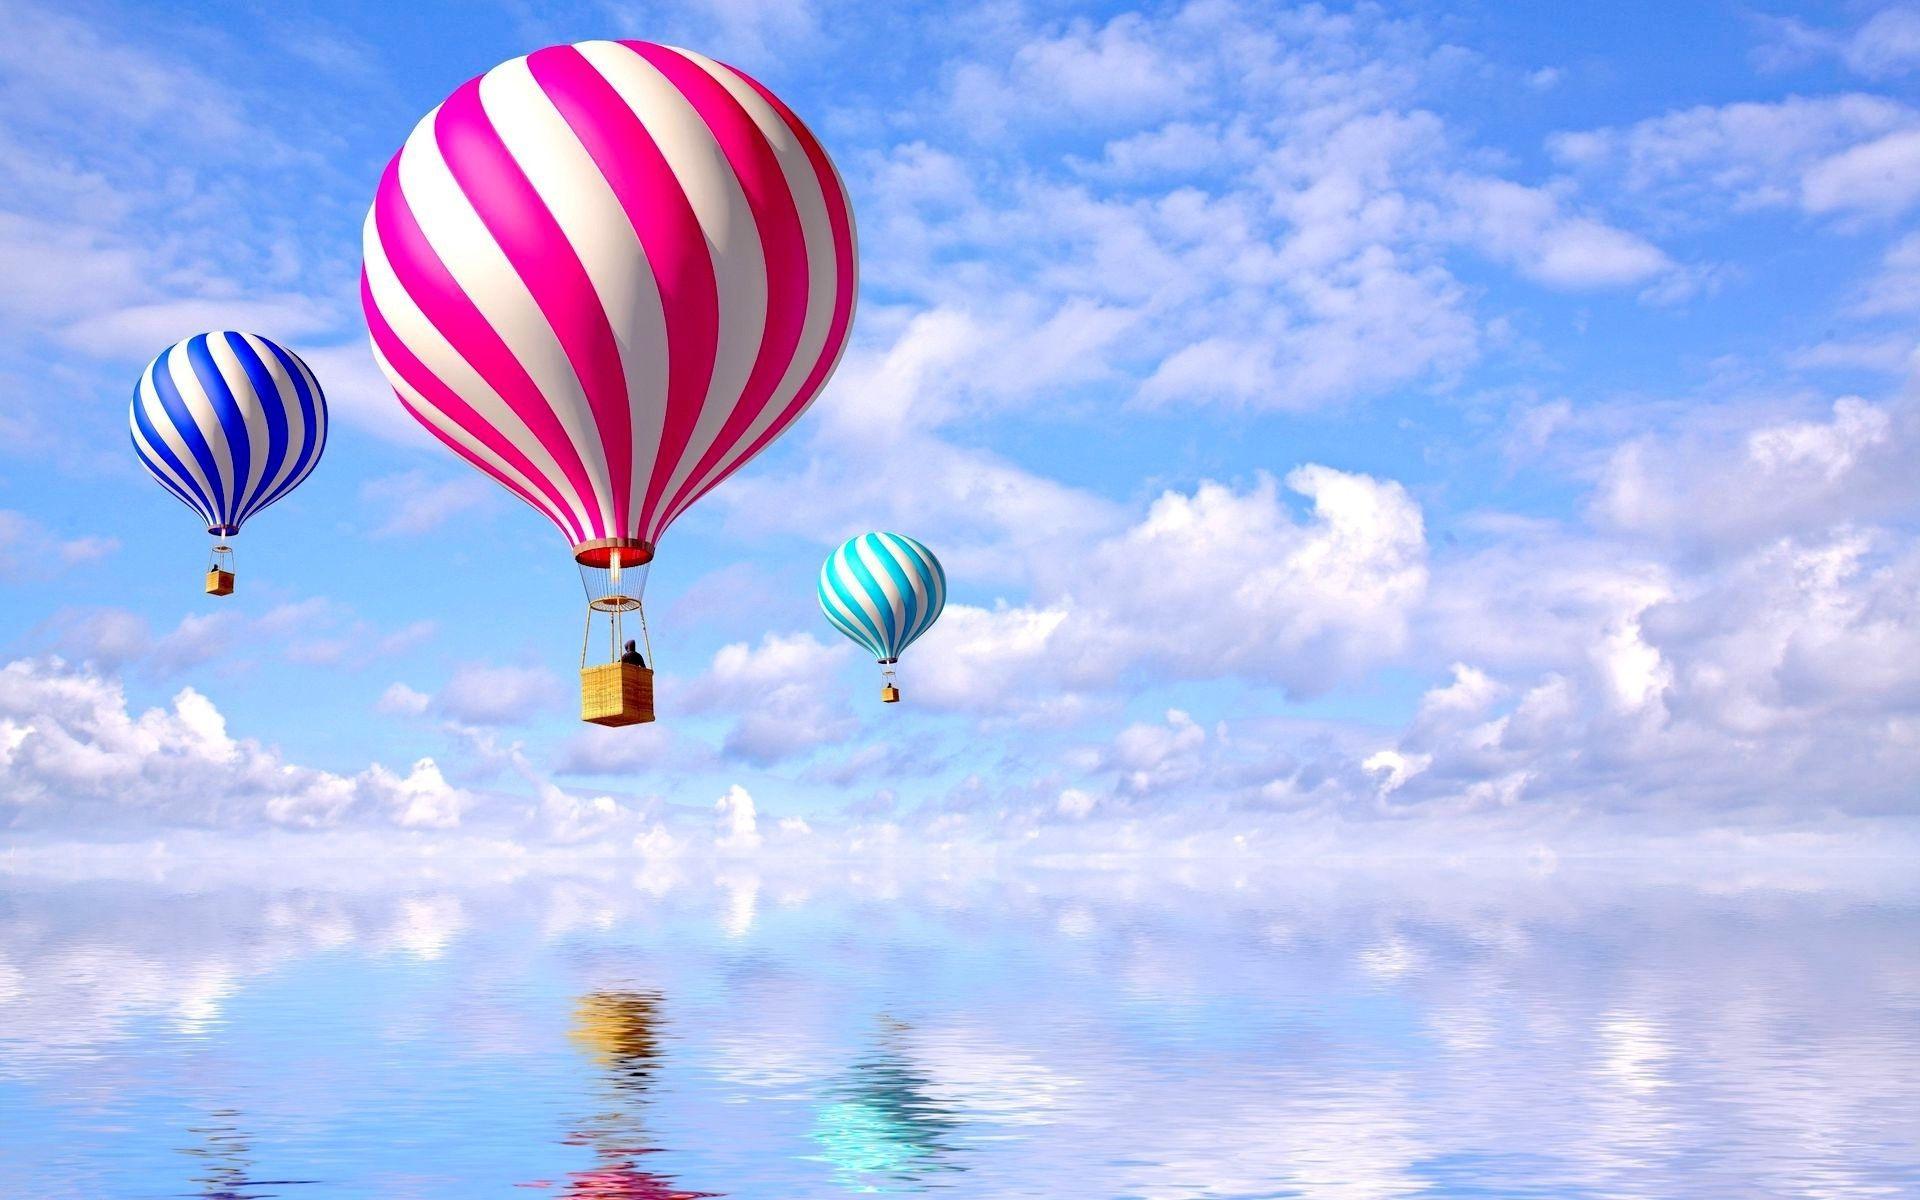 Colored Balloons Fond Ecran Montgolfieres Photos